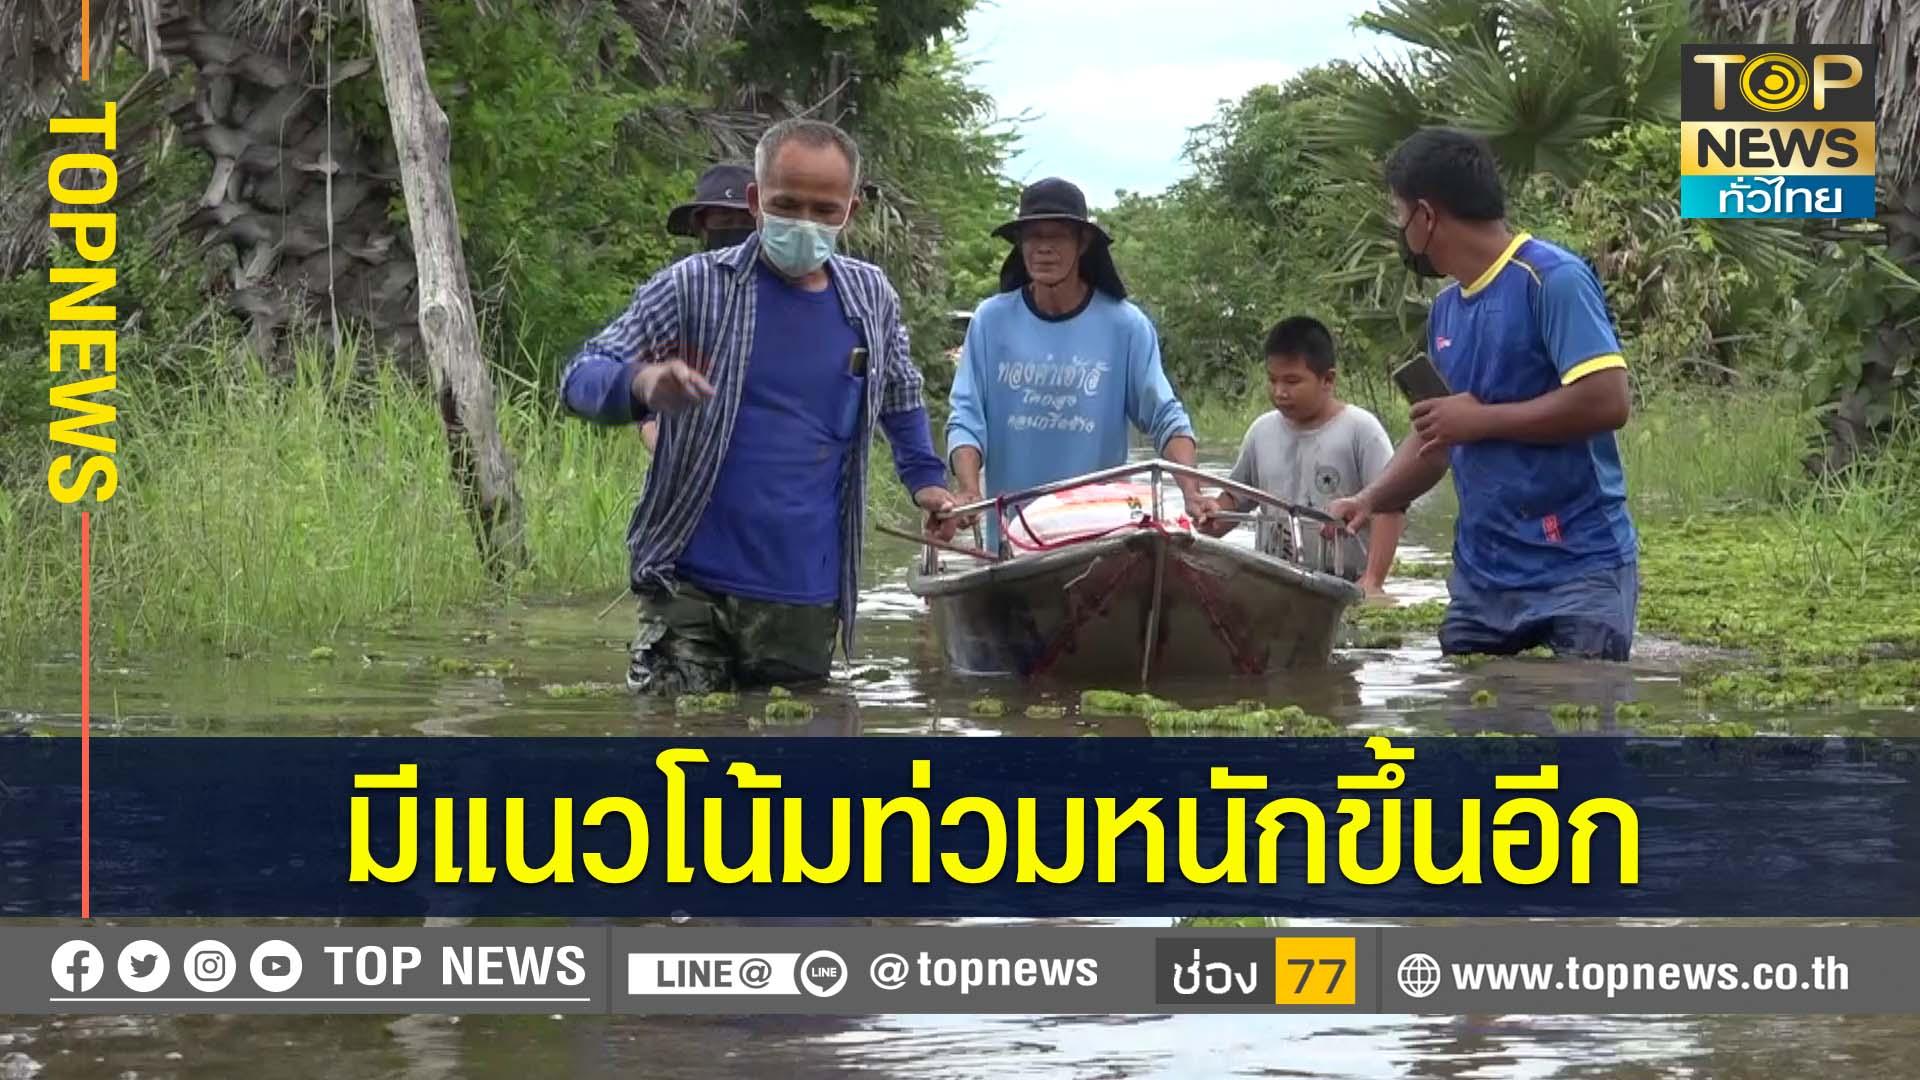 โคราช น้ำ 2 สายไหลมาบรรจบกัน ก่อนทะลักเข้าท่วมหมู่บ้านสูงกว่า 1 เมตร ตัดทางเข้าออก